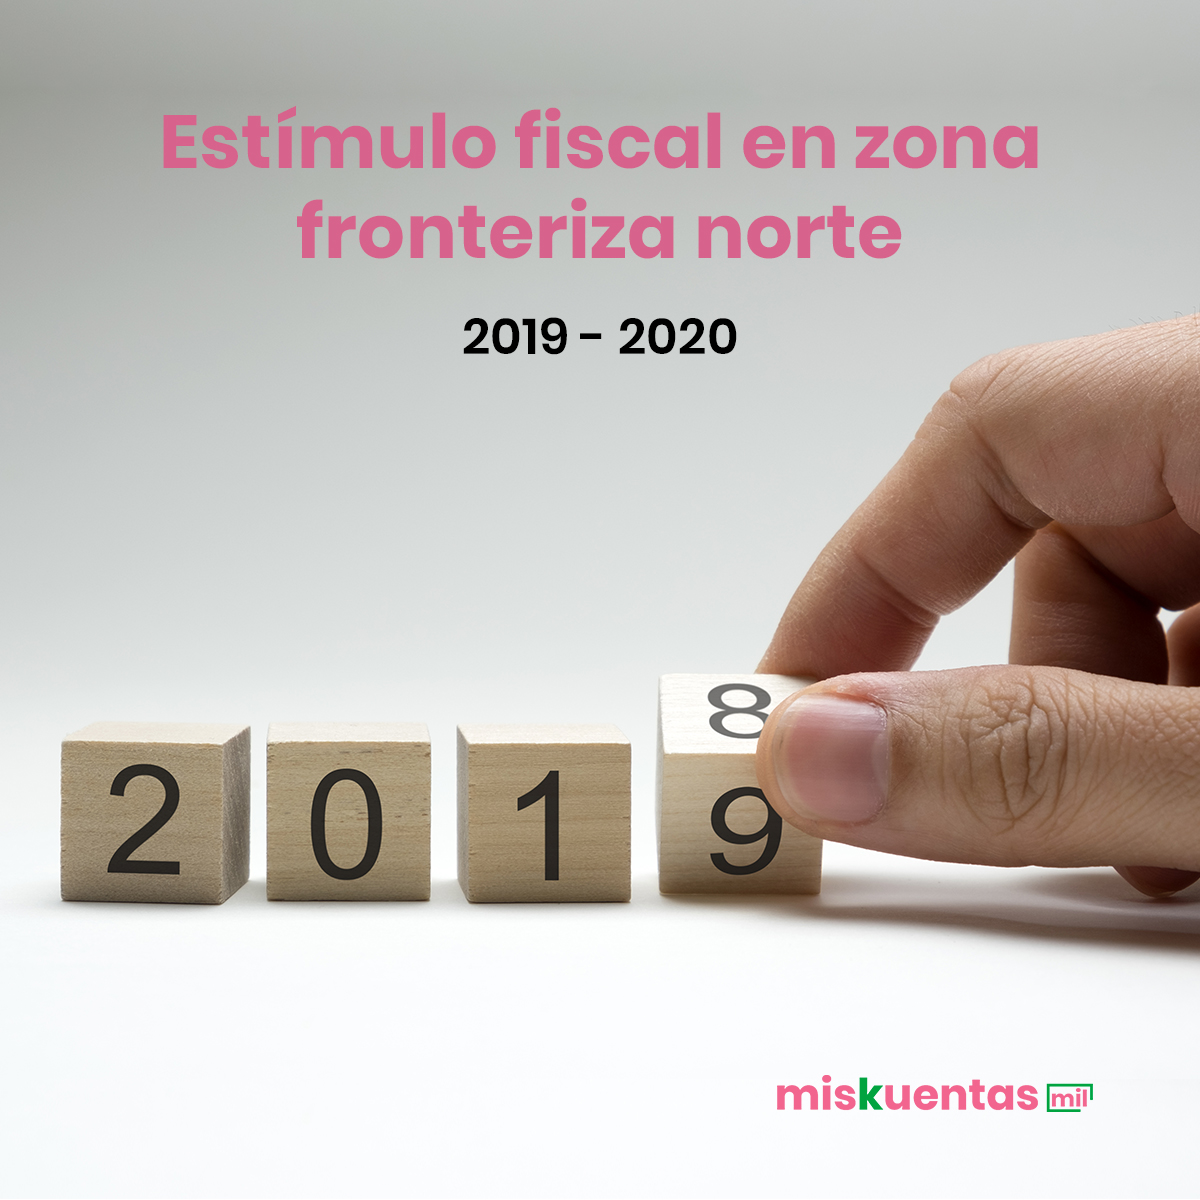 Estímulo fiscal a los contribuyentes en zona fronteriza norte, tanto para personas físicas y morales, para incentivar la inversión y la calidad de vida